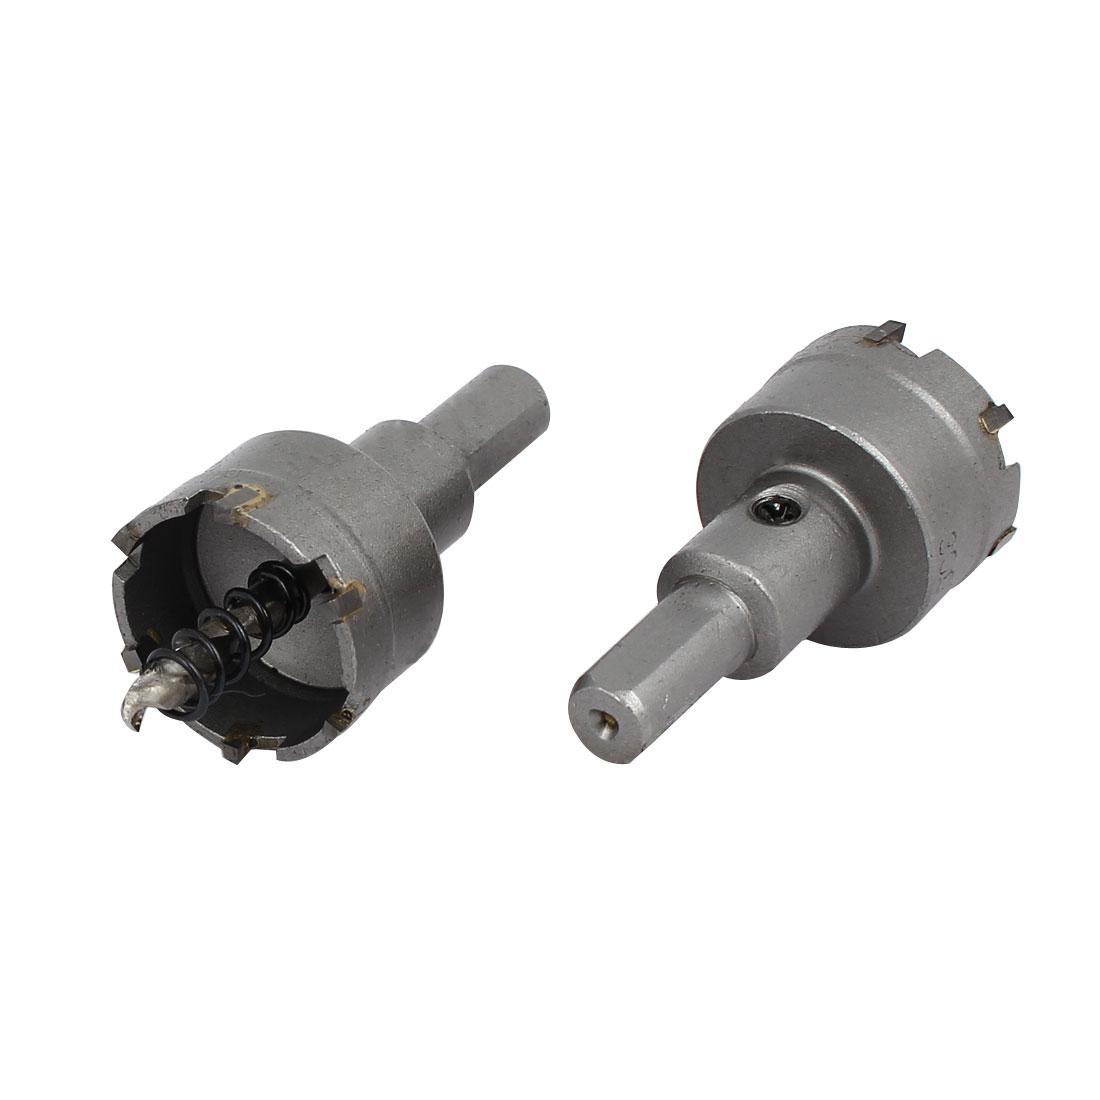 30mm Cutting Dia 5mm Twist Drilling Bit TCT Straight Shank Hole Saw 2pcs